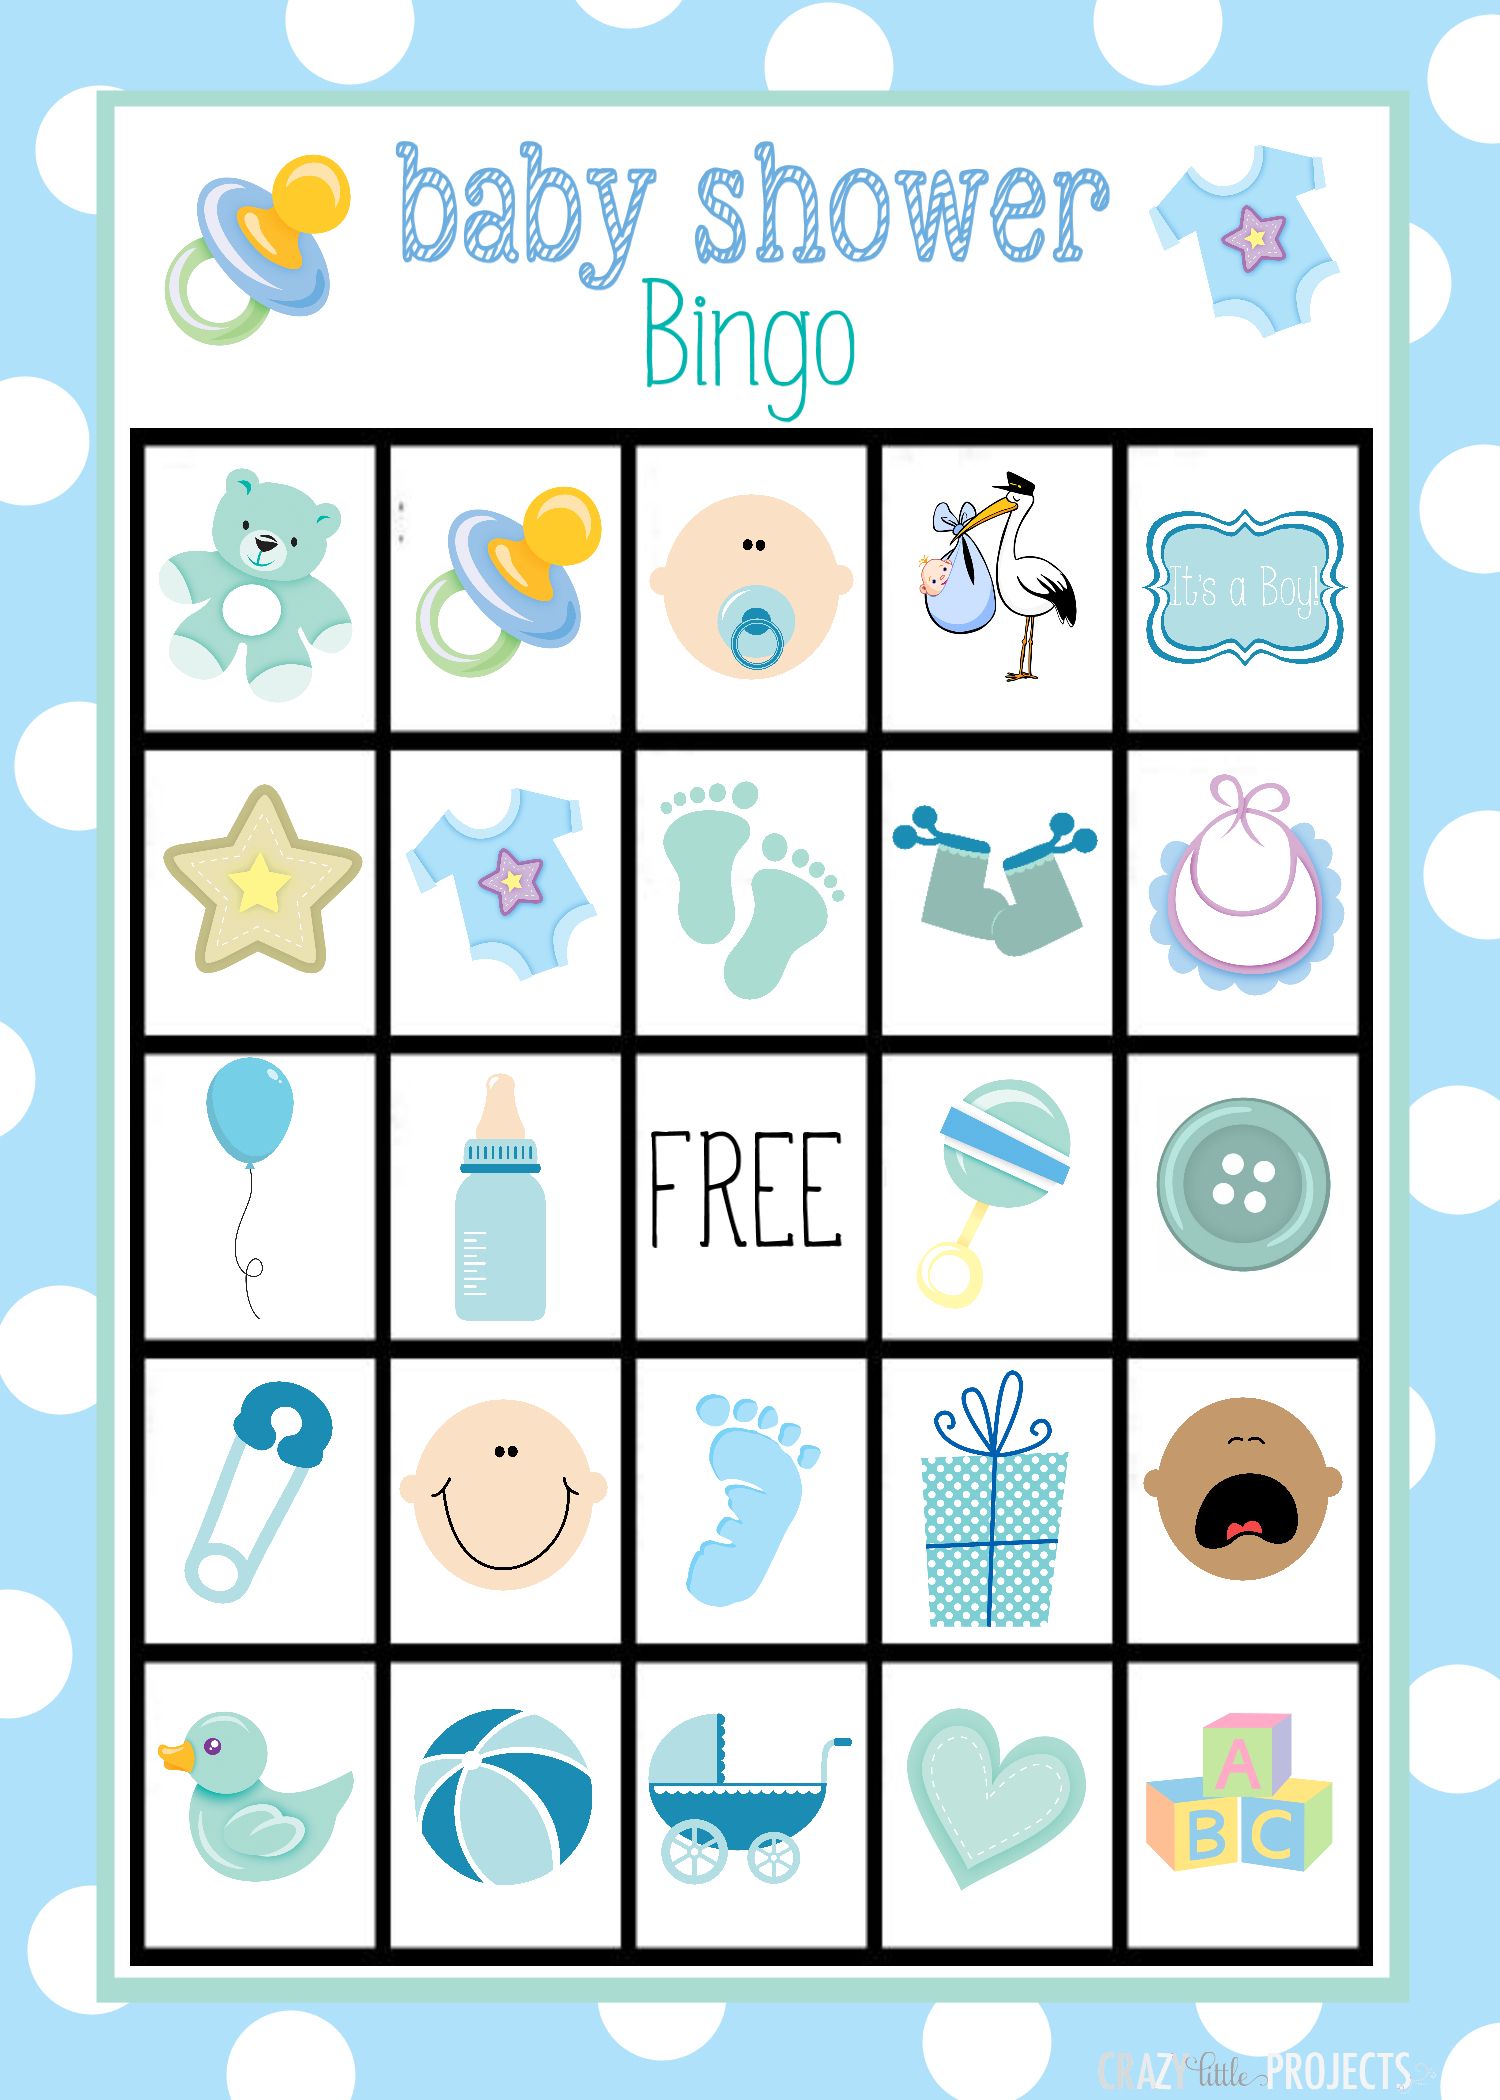 Printable Baby Shower Bingo Cards - Ideeën Voor Babyshowers